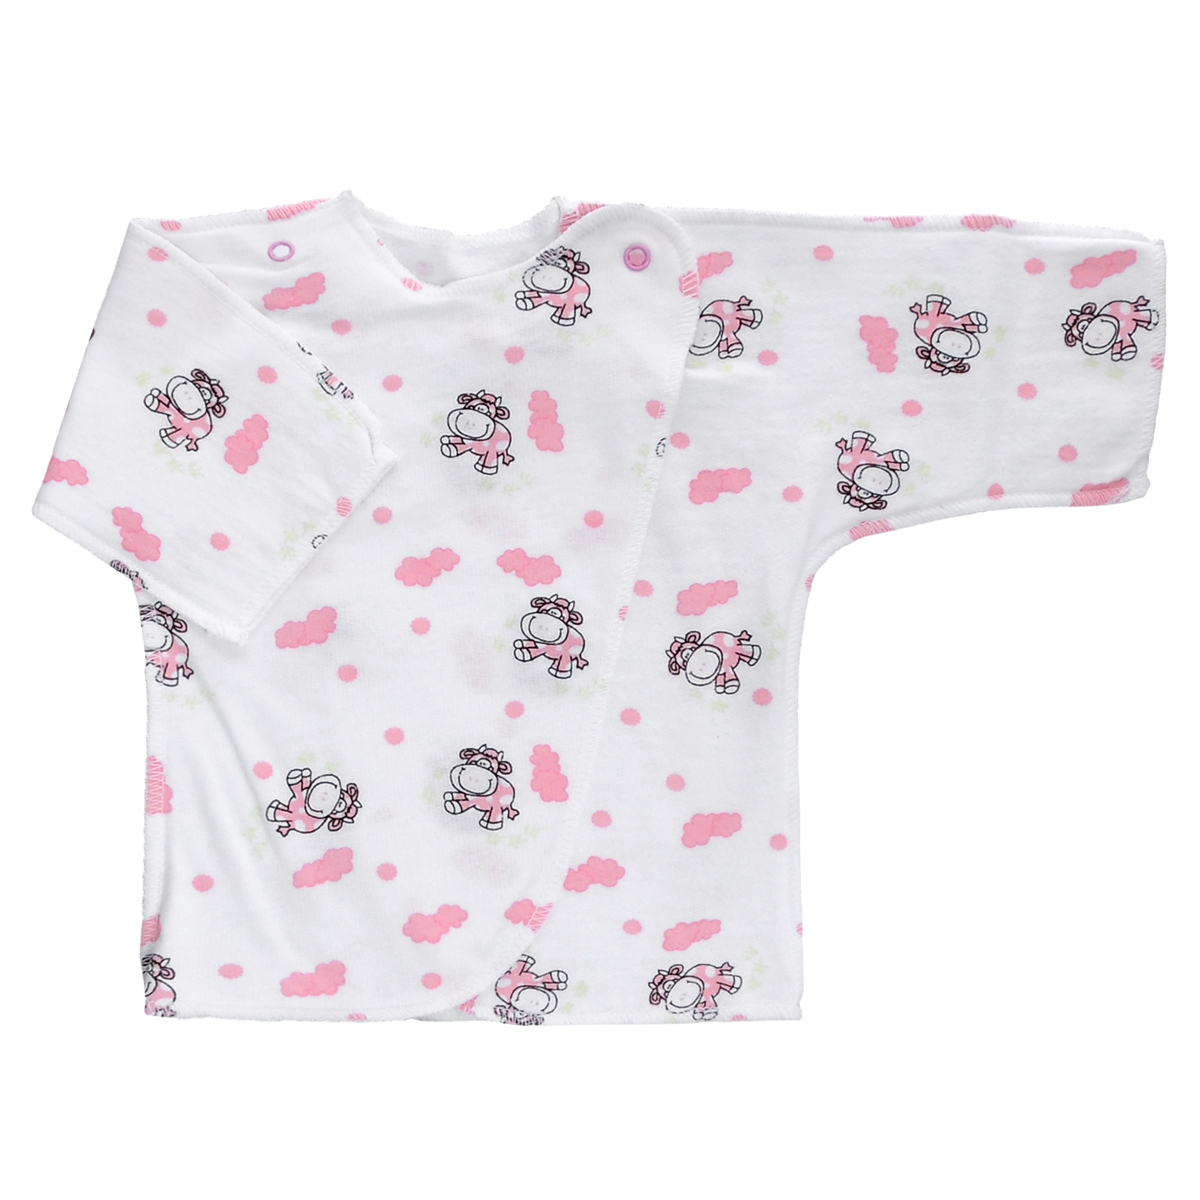 Распашонка Трон-Плюс, цвет: белый, розовый, рисунок коровы. 5022. Размер 68, 6 месяцев5022Распашонка Трон-плюс послужит идеальным дополнением к гардеробу младенца. Распашонка с рукавами-кимоно, выполненная швами наружу, изготовлена из футера - натурального хлопка, благодаря чему она необычайно мягкая и легкая, не раздражает нежную кожу ребенка и хорошо вентилируется, а эластичные швы приятны телу малыша и не препятствуют его движениям. Распашонка с запахом, застегивается при помощи двух кнопок на плечах, которые позволяют без труда переодеть ребенка. Распашонка полностью соответствует особенностям жизни ребенка в ранний период, не стесняя и не ограничивая его в движениях.